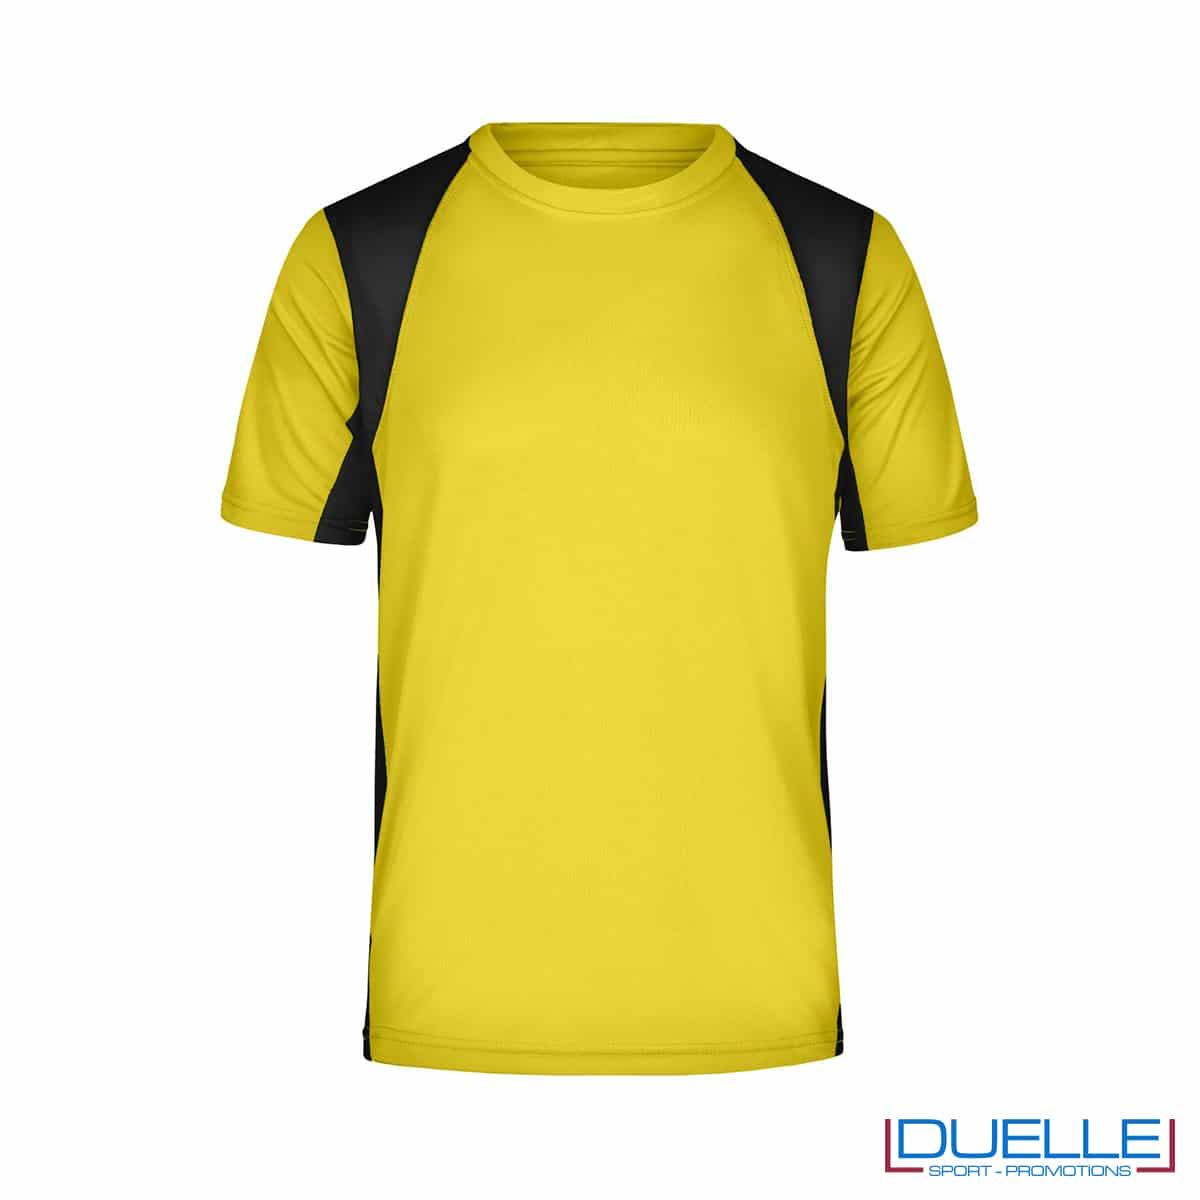 T-shirt running uomo personalizzata colore giallo-nero